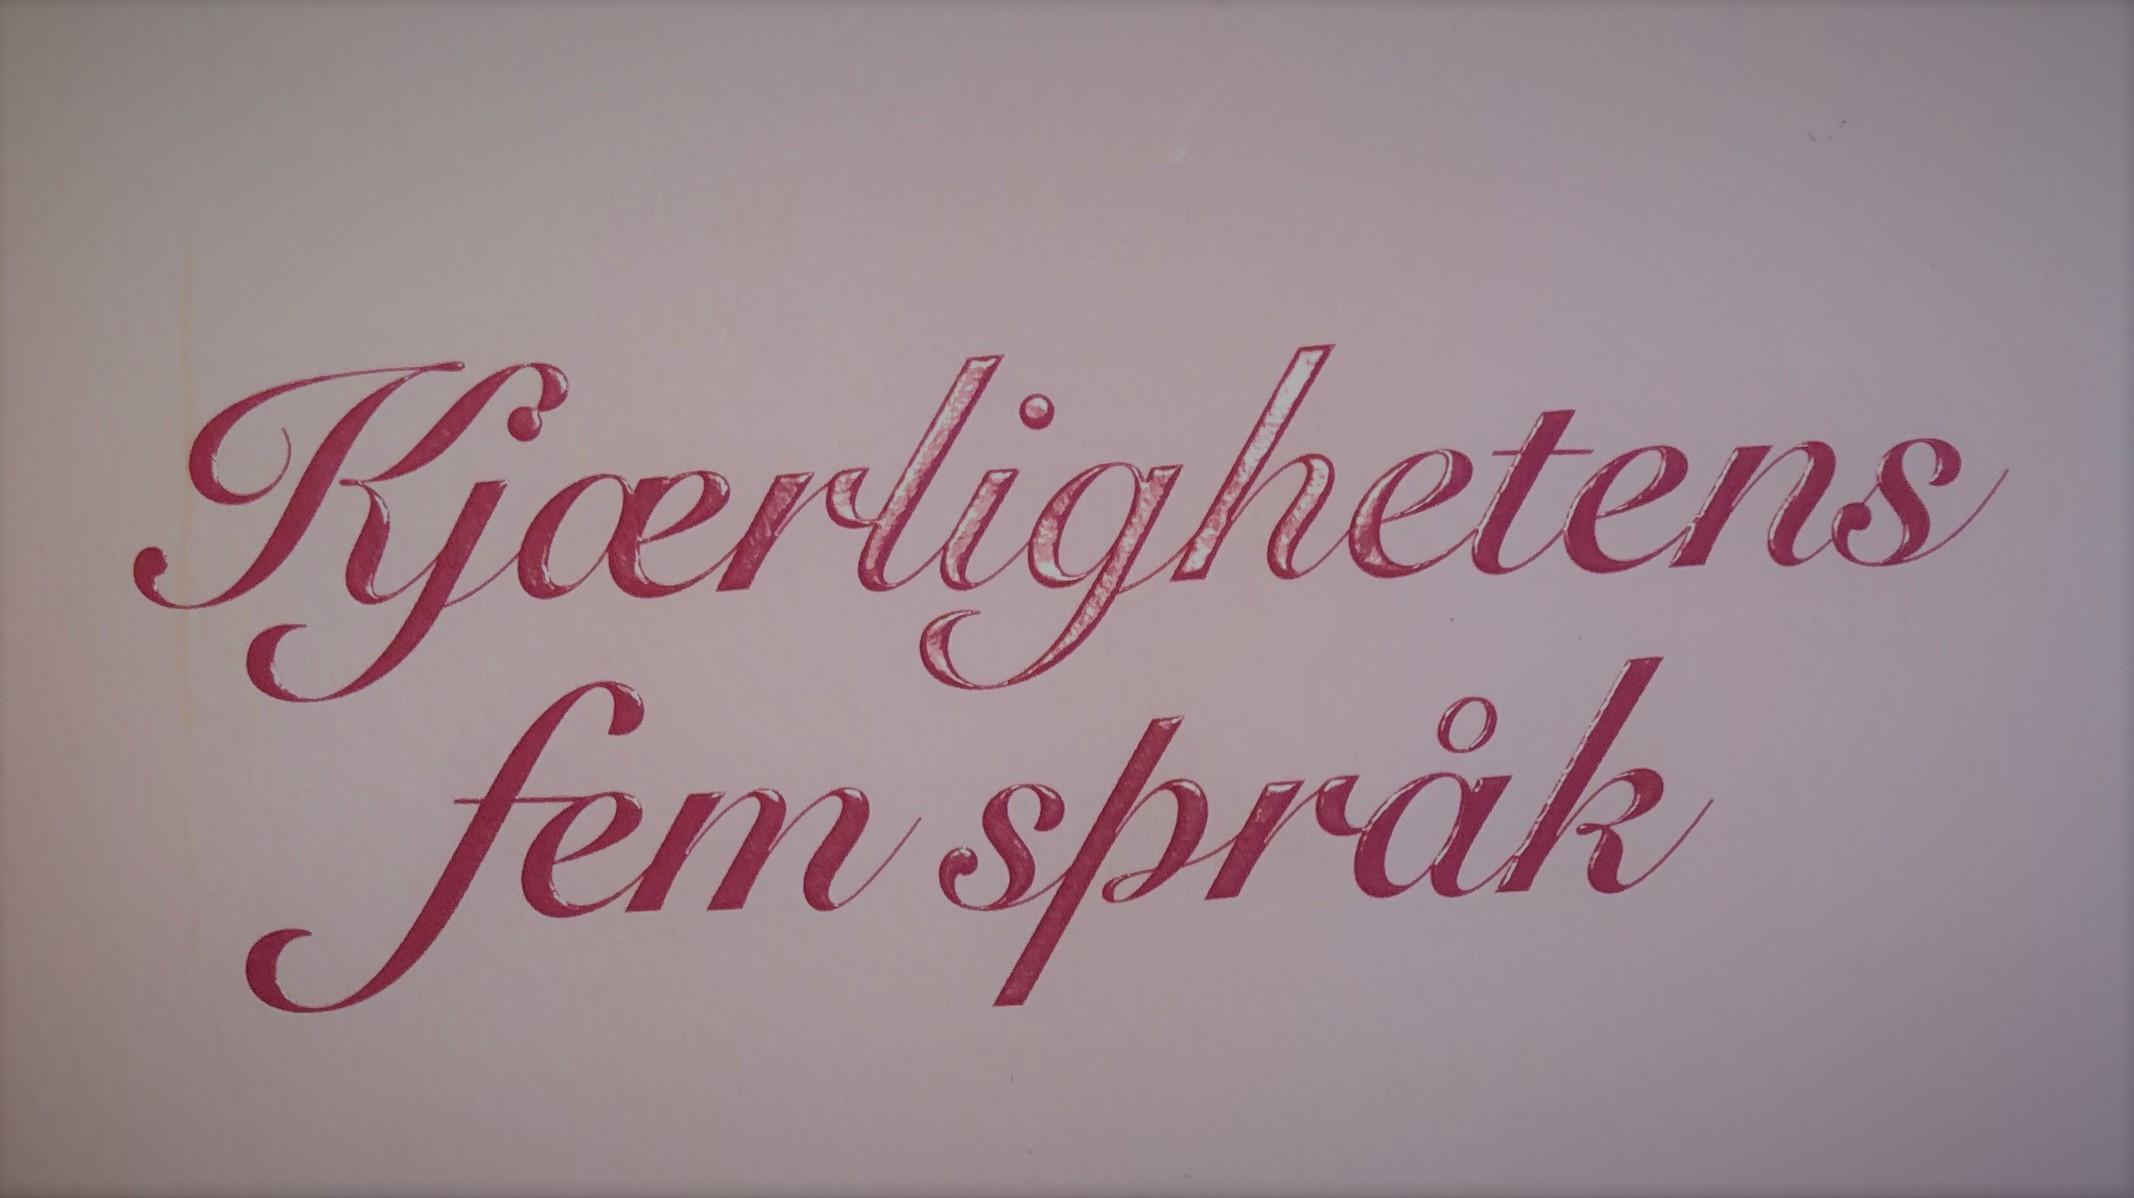 Kjærlighetens fem språk.jpg